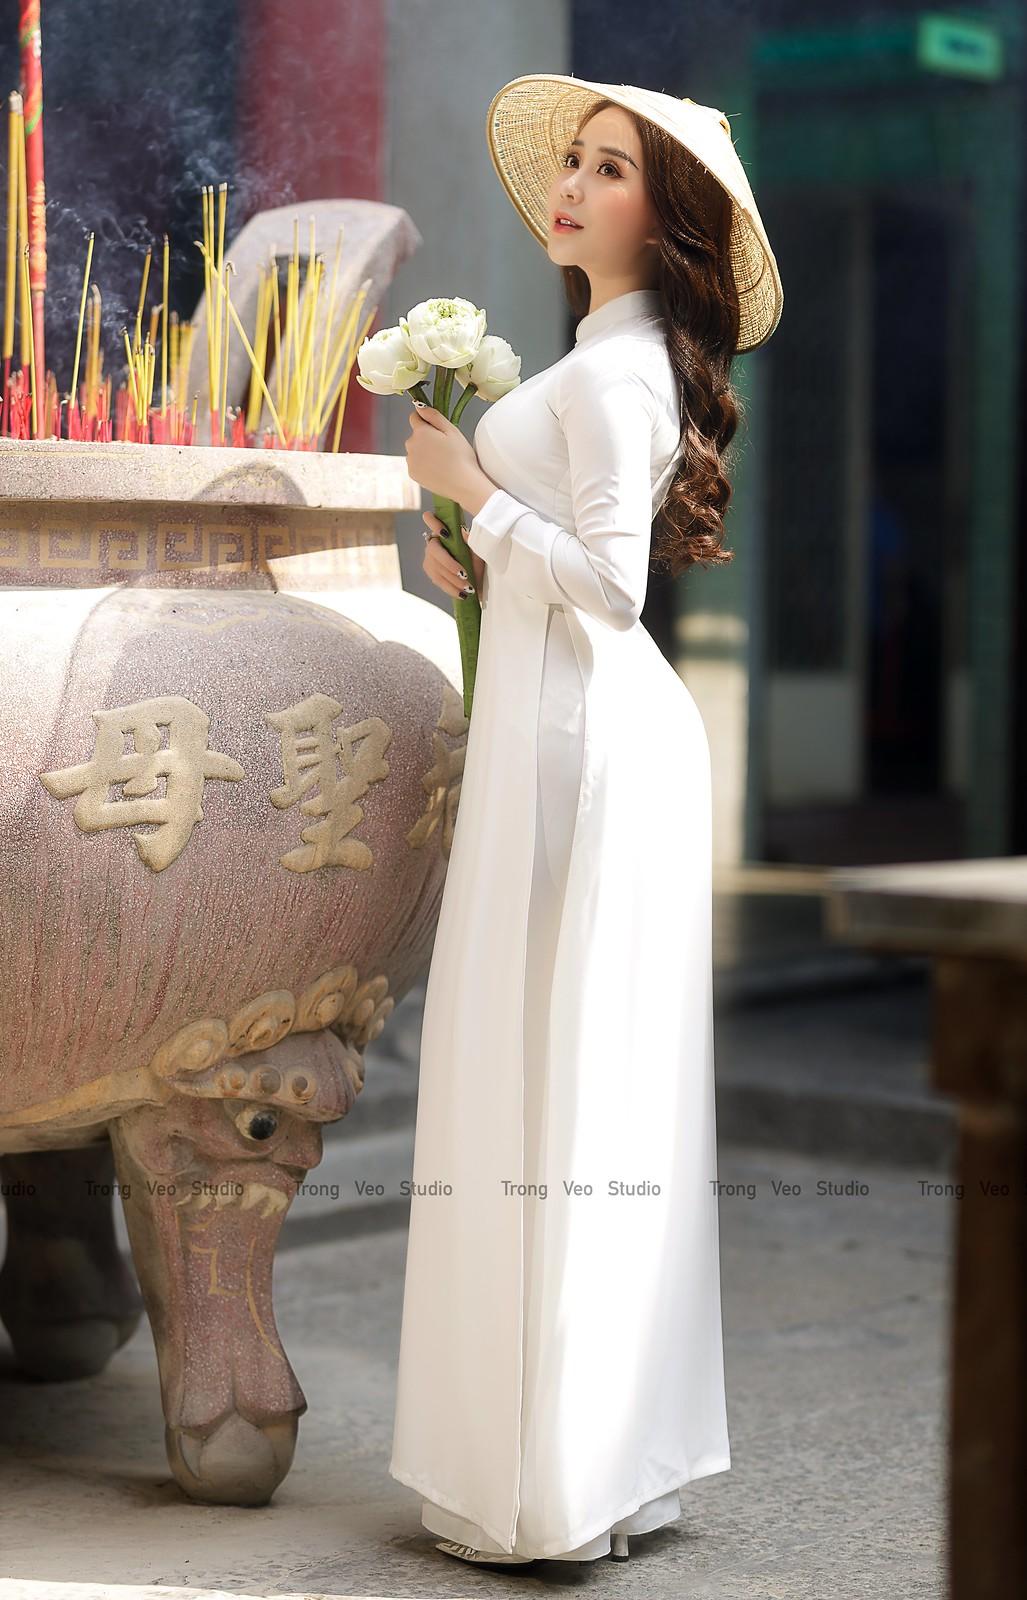 Ngắm hot girl Lục Anh xinh đẹp như hoa không sao tả xiết trong tà áo dài truyền thống - 12